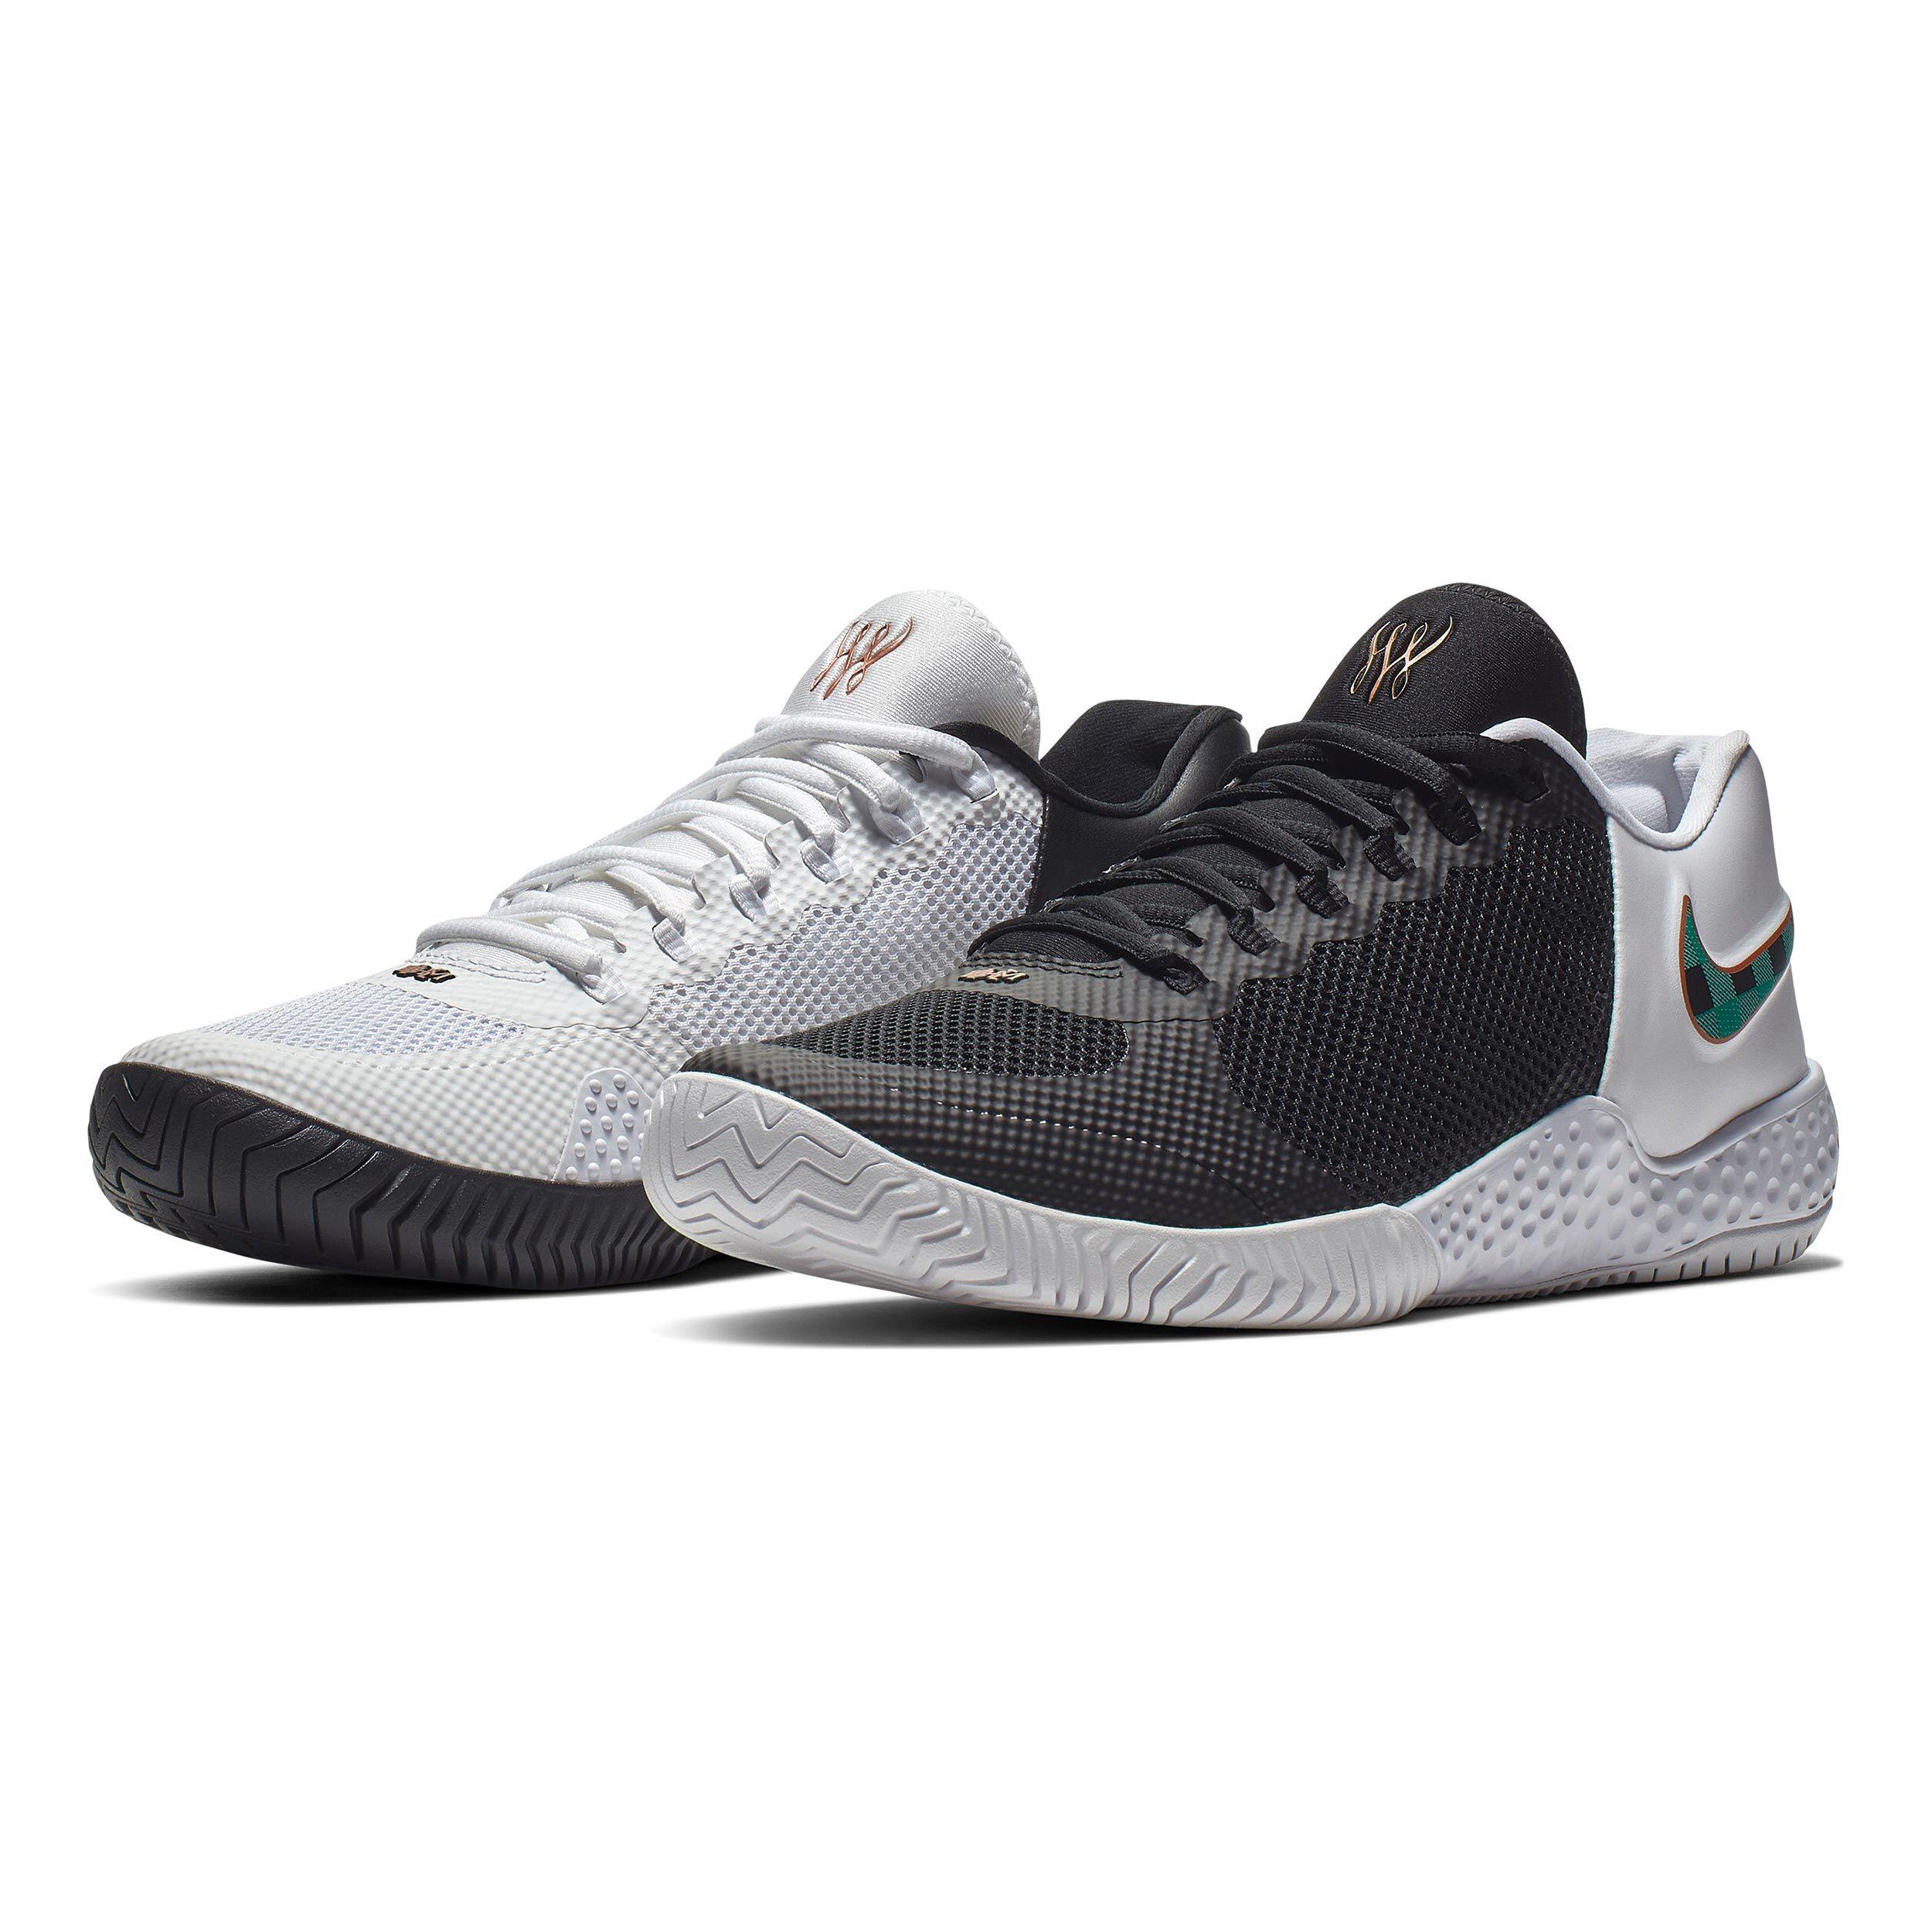 Nike Flare 2 HC Allcourt sko Damer Hvid, Sort